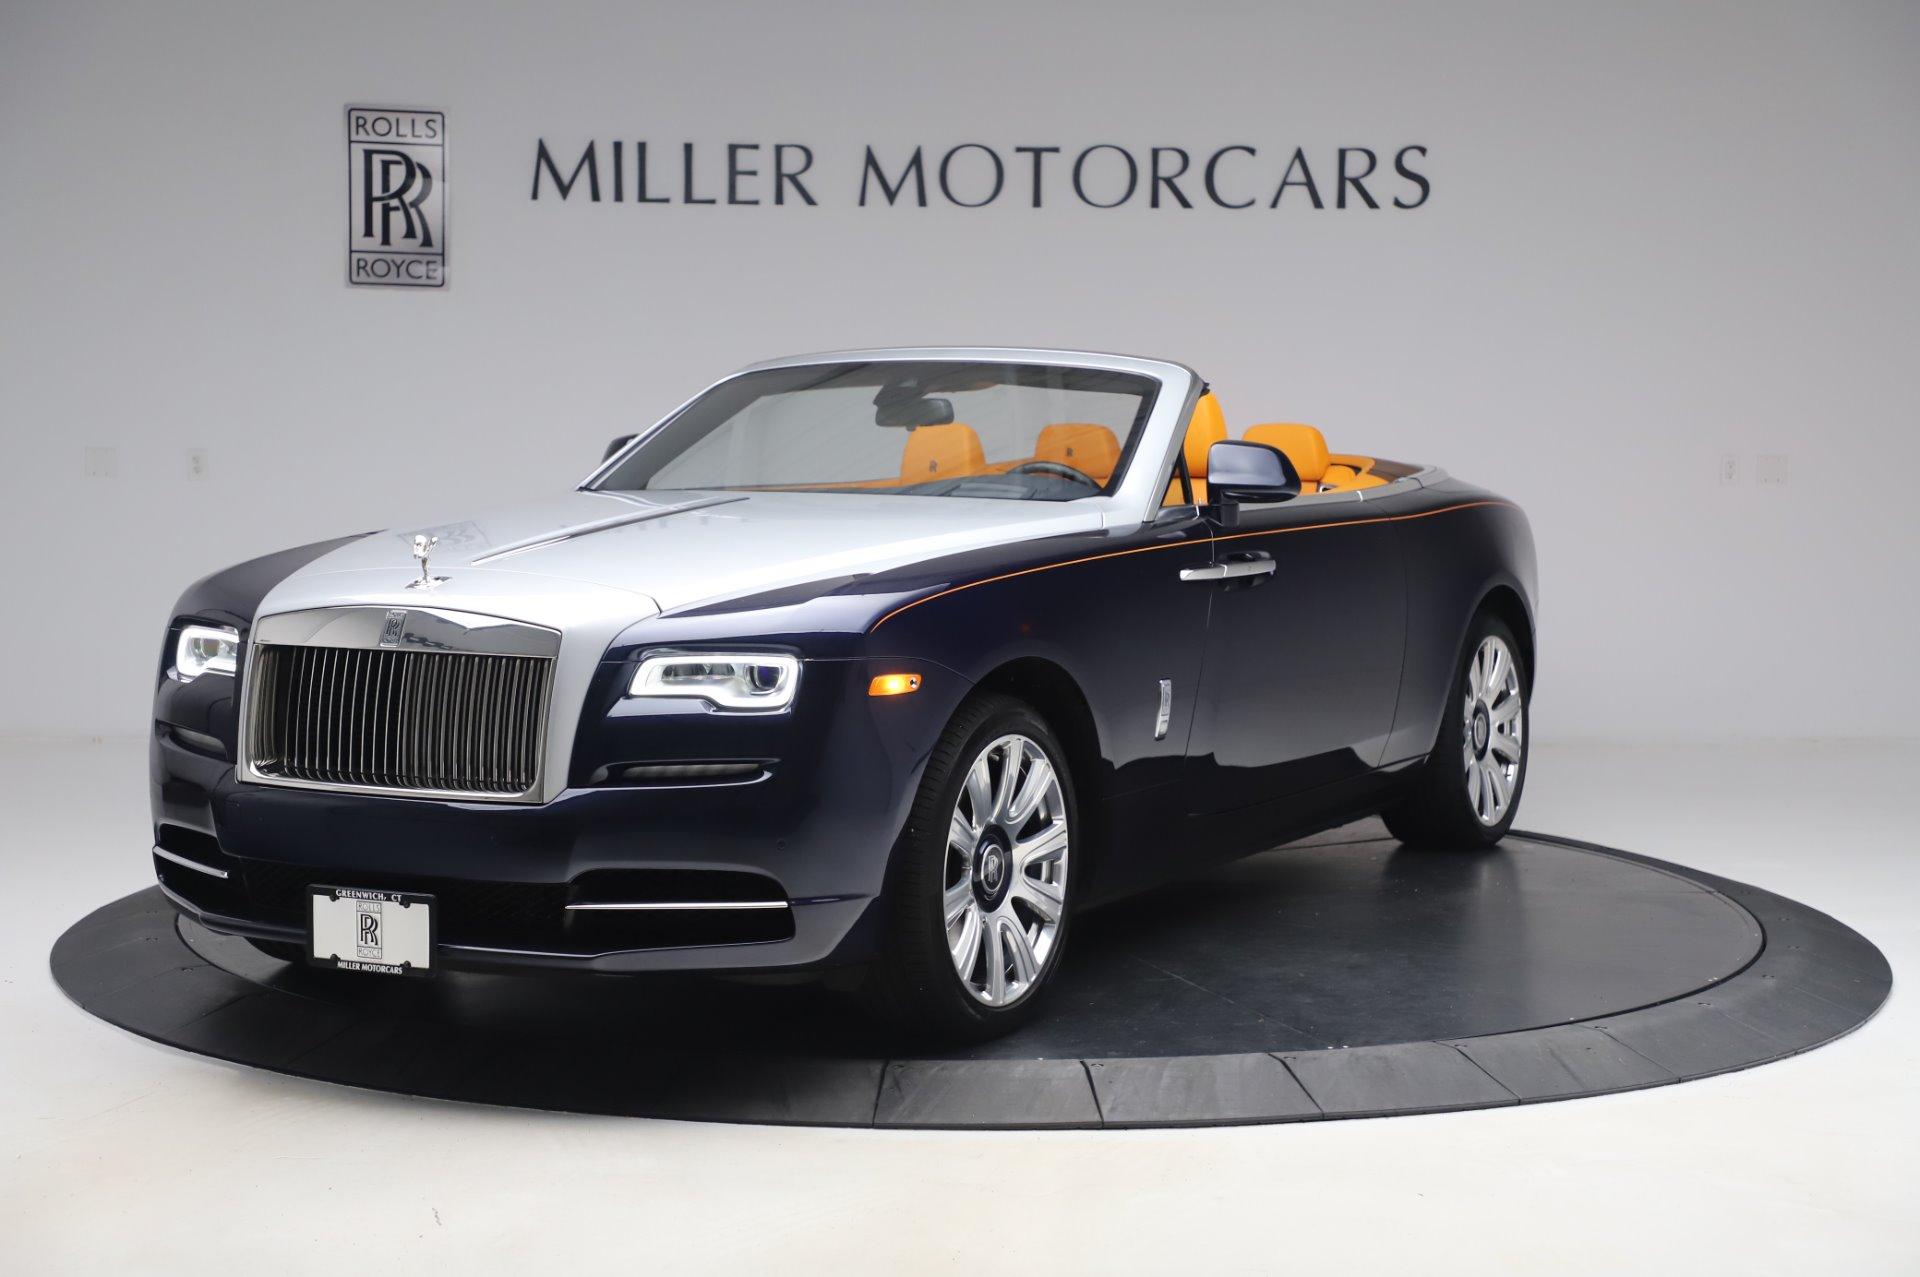 rolls royce dawn dark blue. New 2017 Rolls-Royce Dawn | Greenwich, CT Rolls Royce Dark Blue